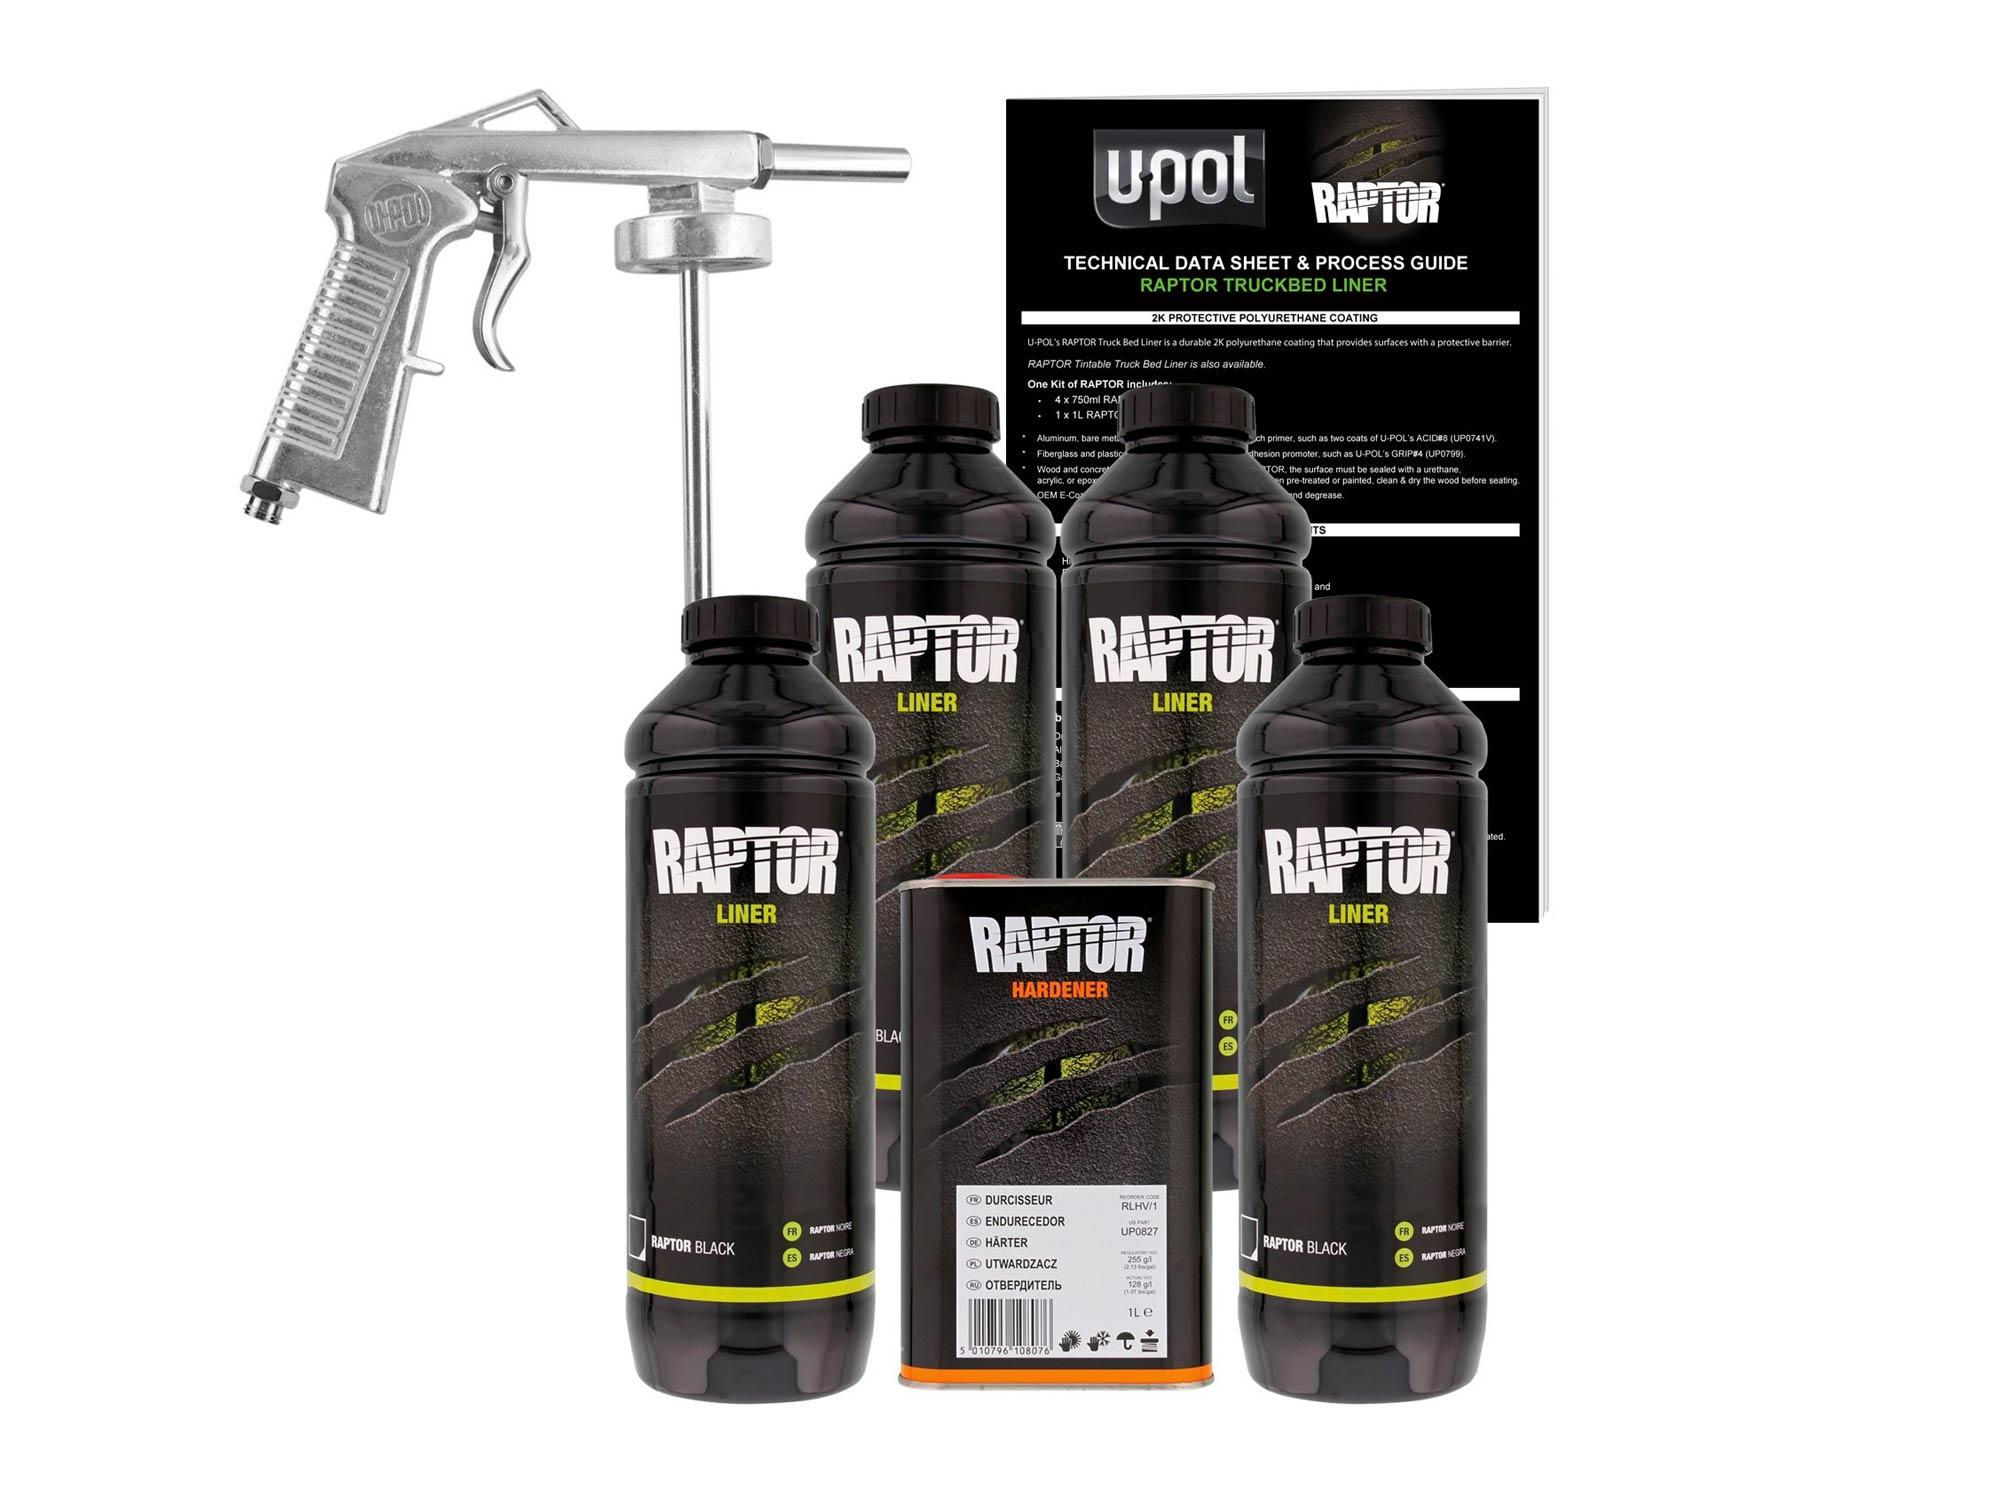 U-Pol Raptor Black Urethane Spray-On Truck Bed Liner Kit